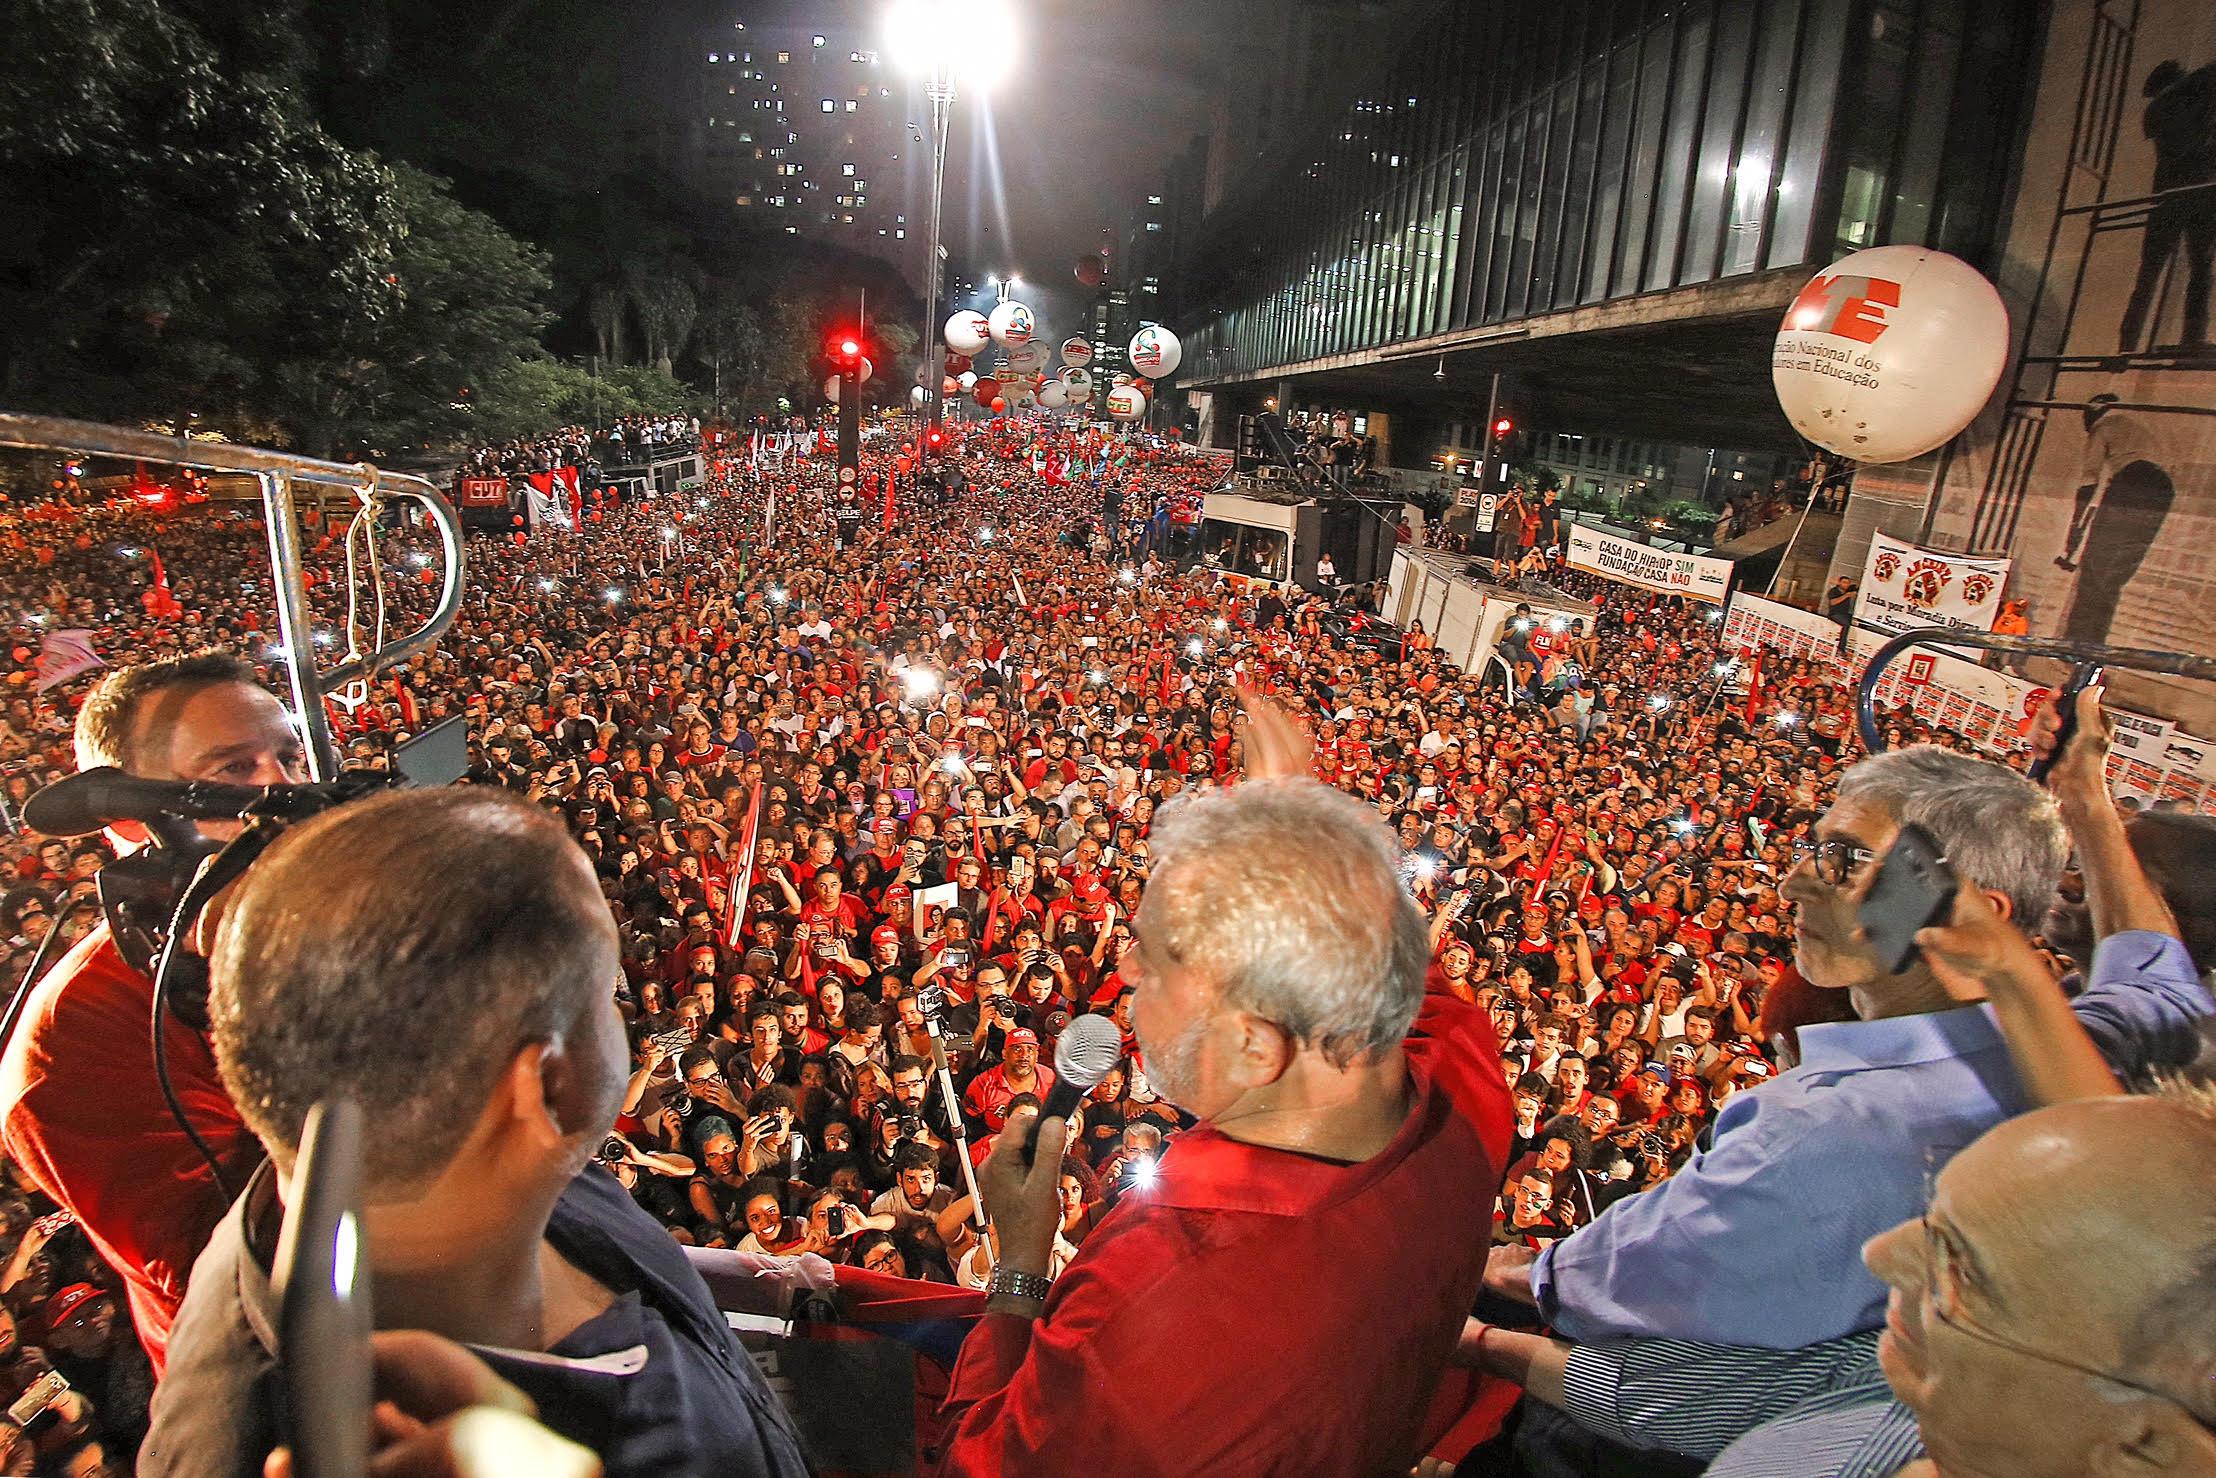 Lula reforma da previdência av paulista